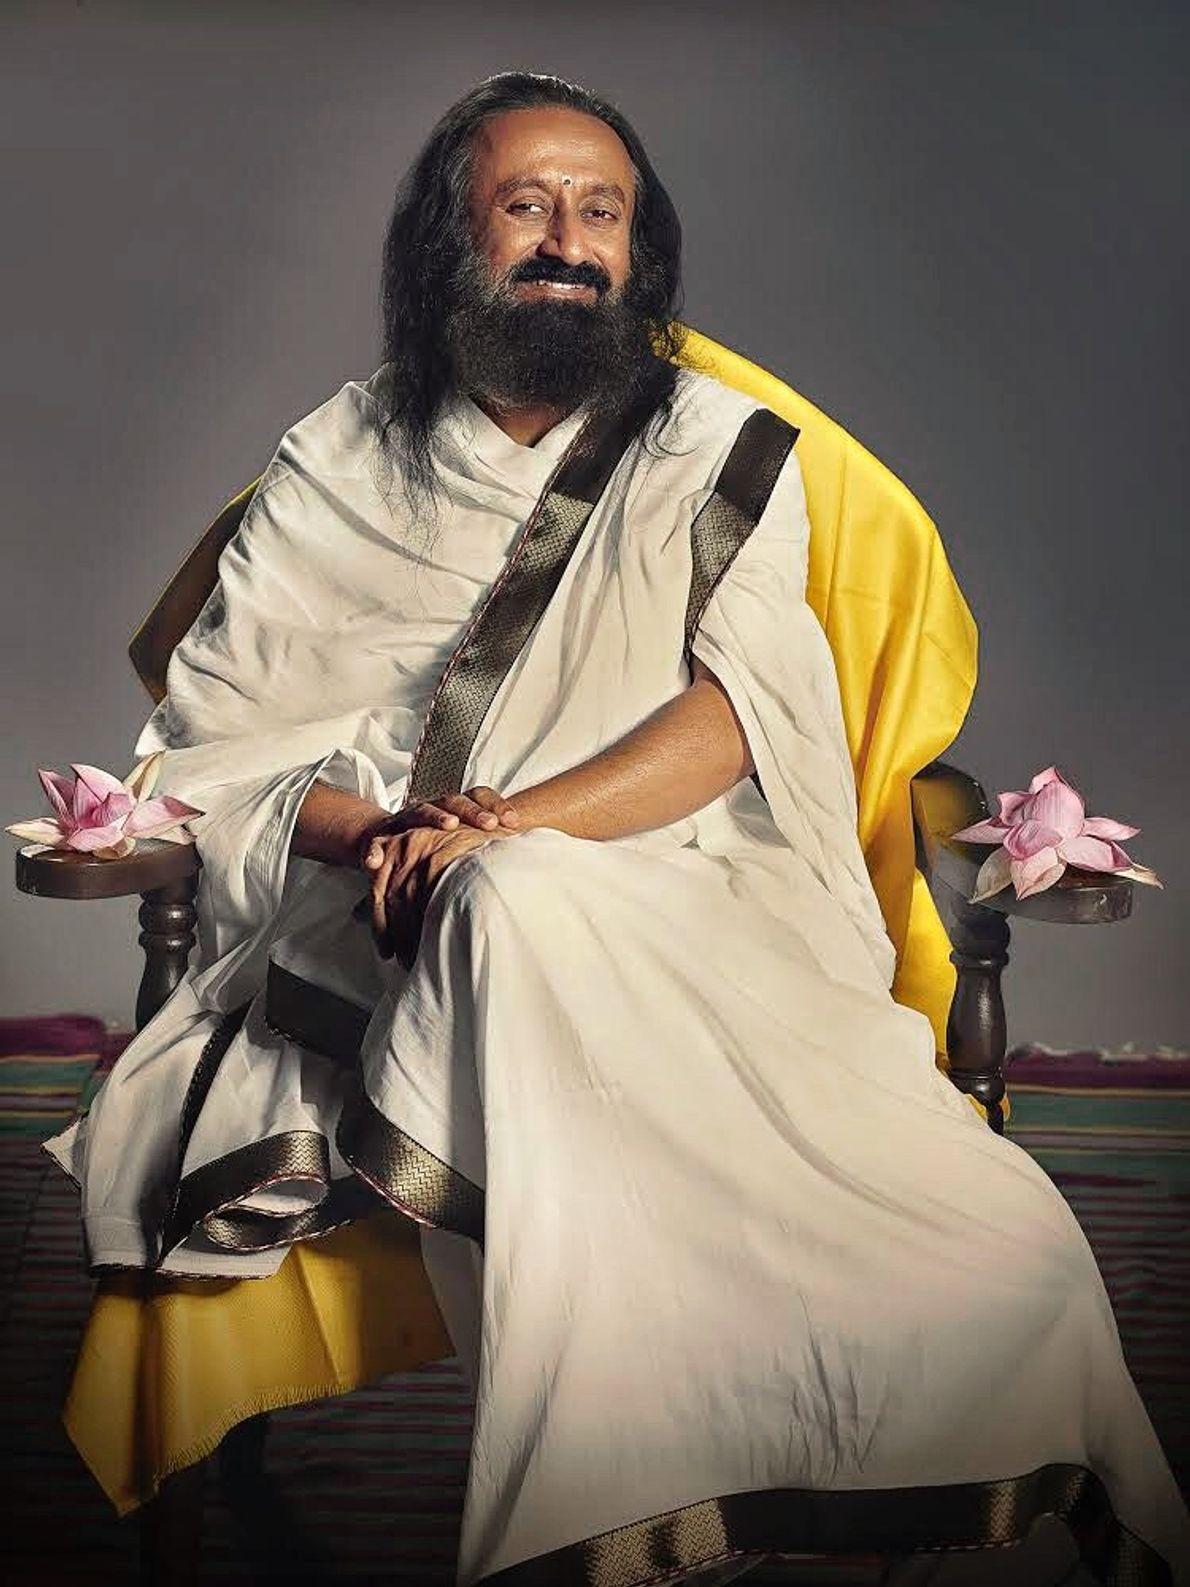 """Sri Sri Ravi Shankar, Sri Sri significa """"Maestro de Maestros"""". Sus devotos lo apodan cariñosamente """"Guruji"""". ..."""